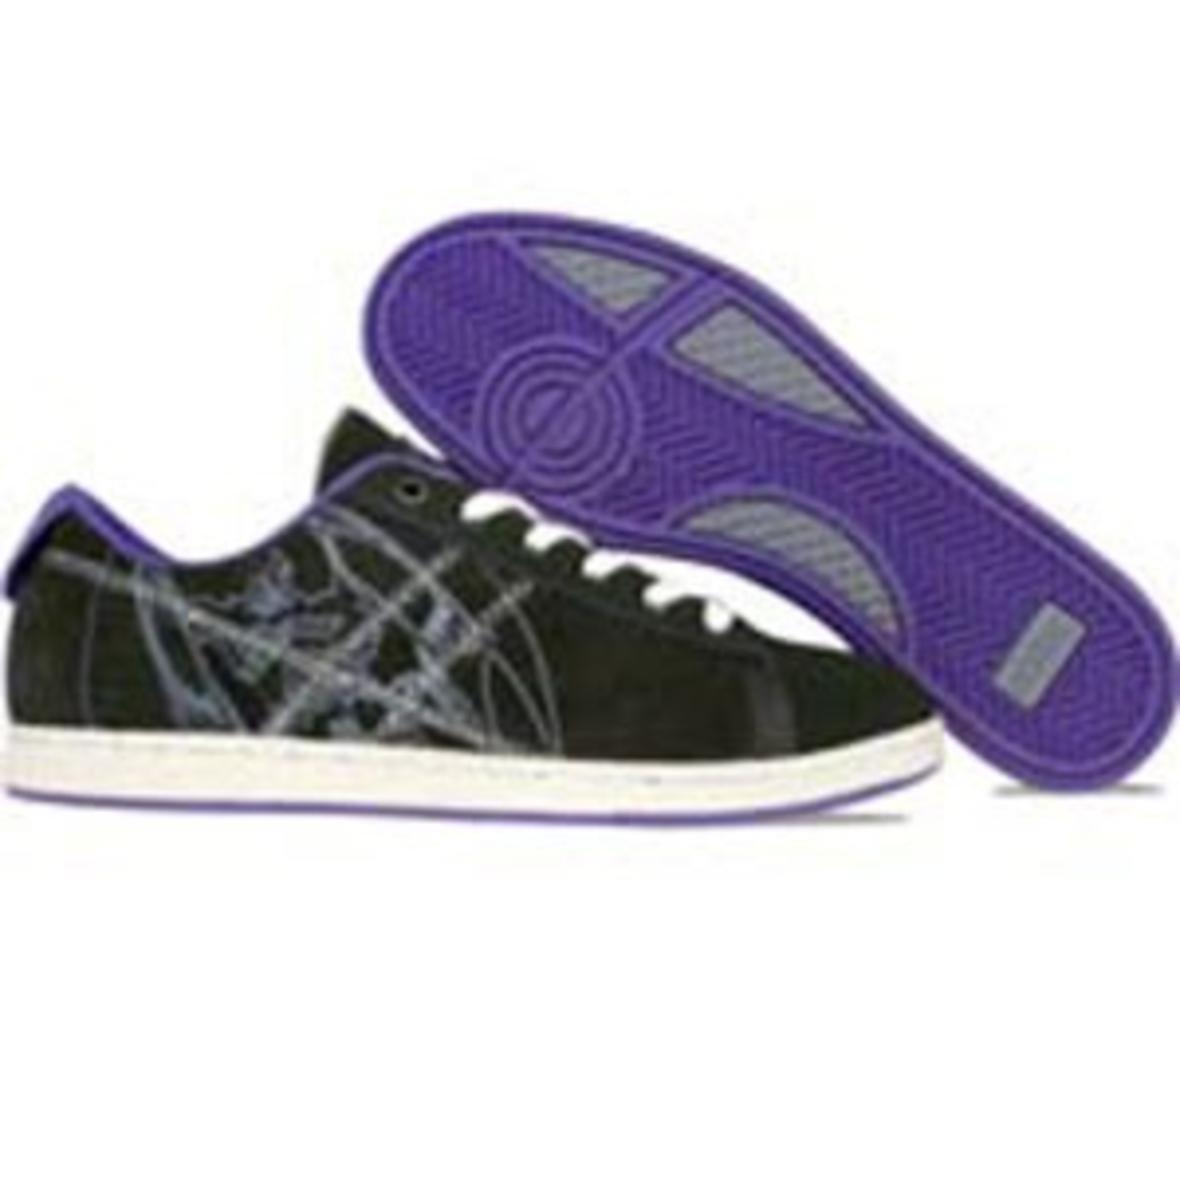 Etnies Skateboard Schuhe Sly 2 Plus Plus Plus schwarz schwarz grau 7af9ae